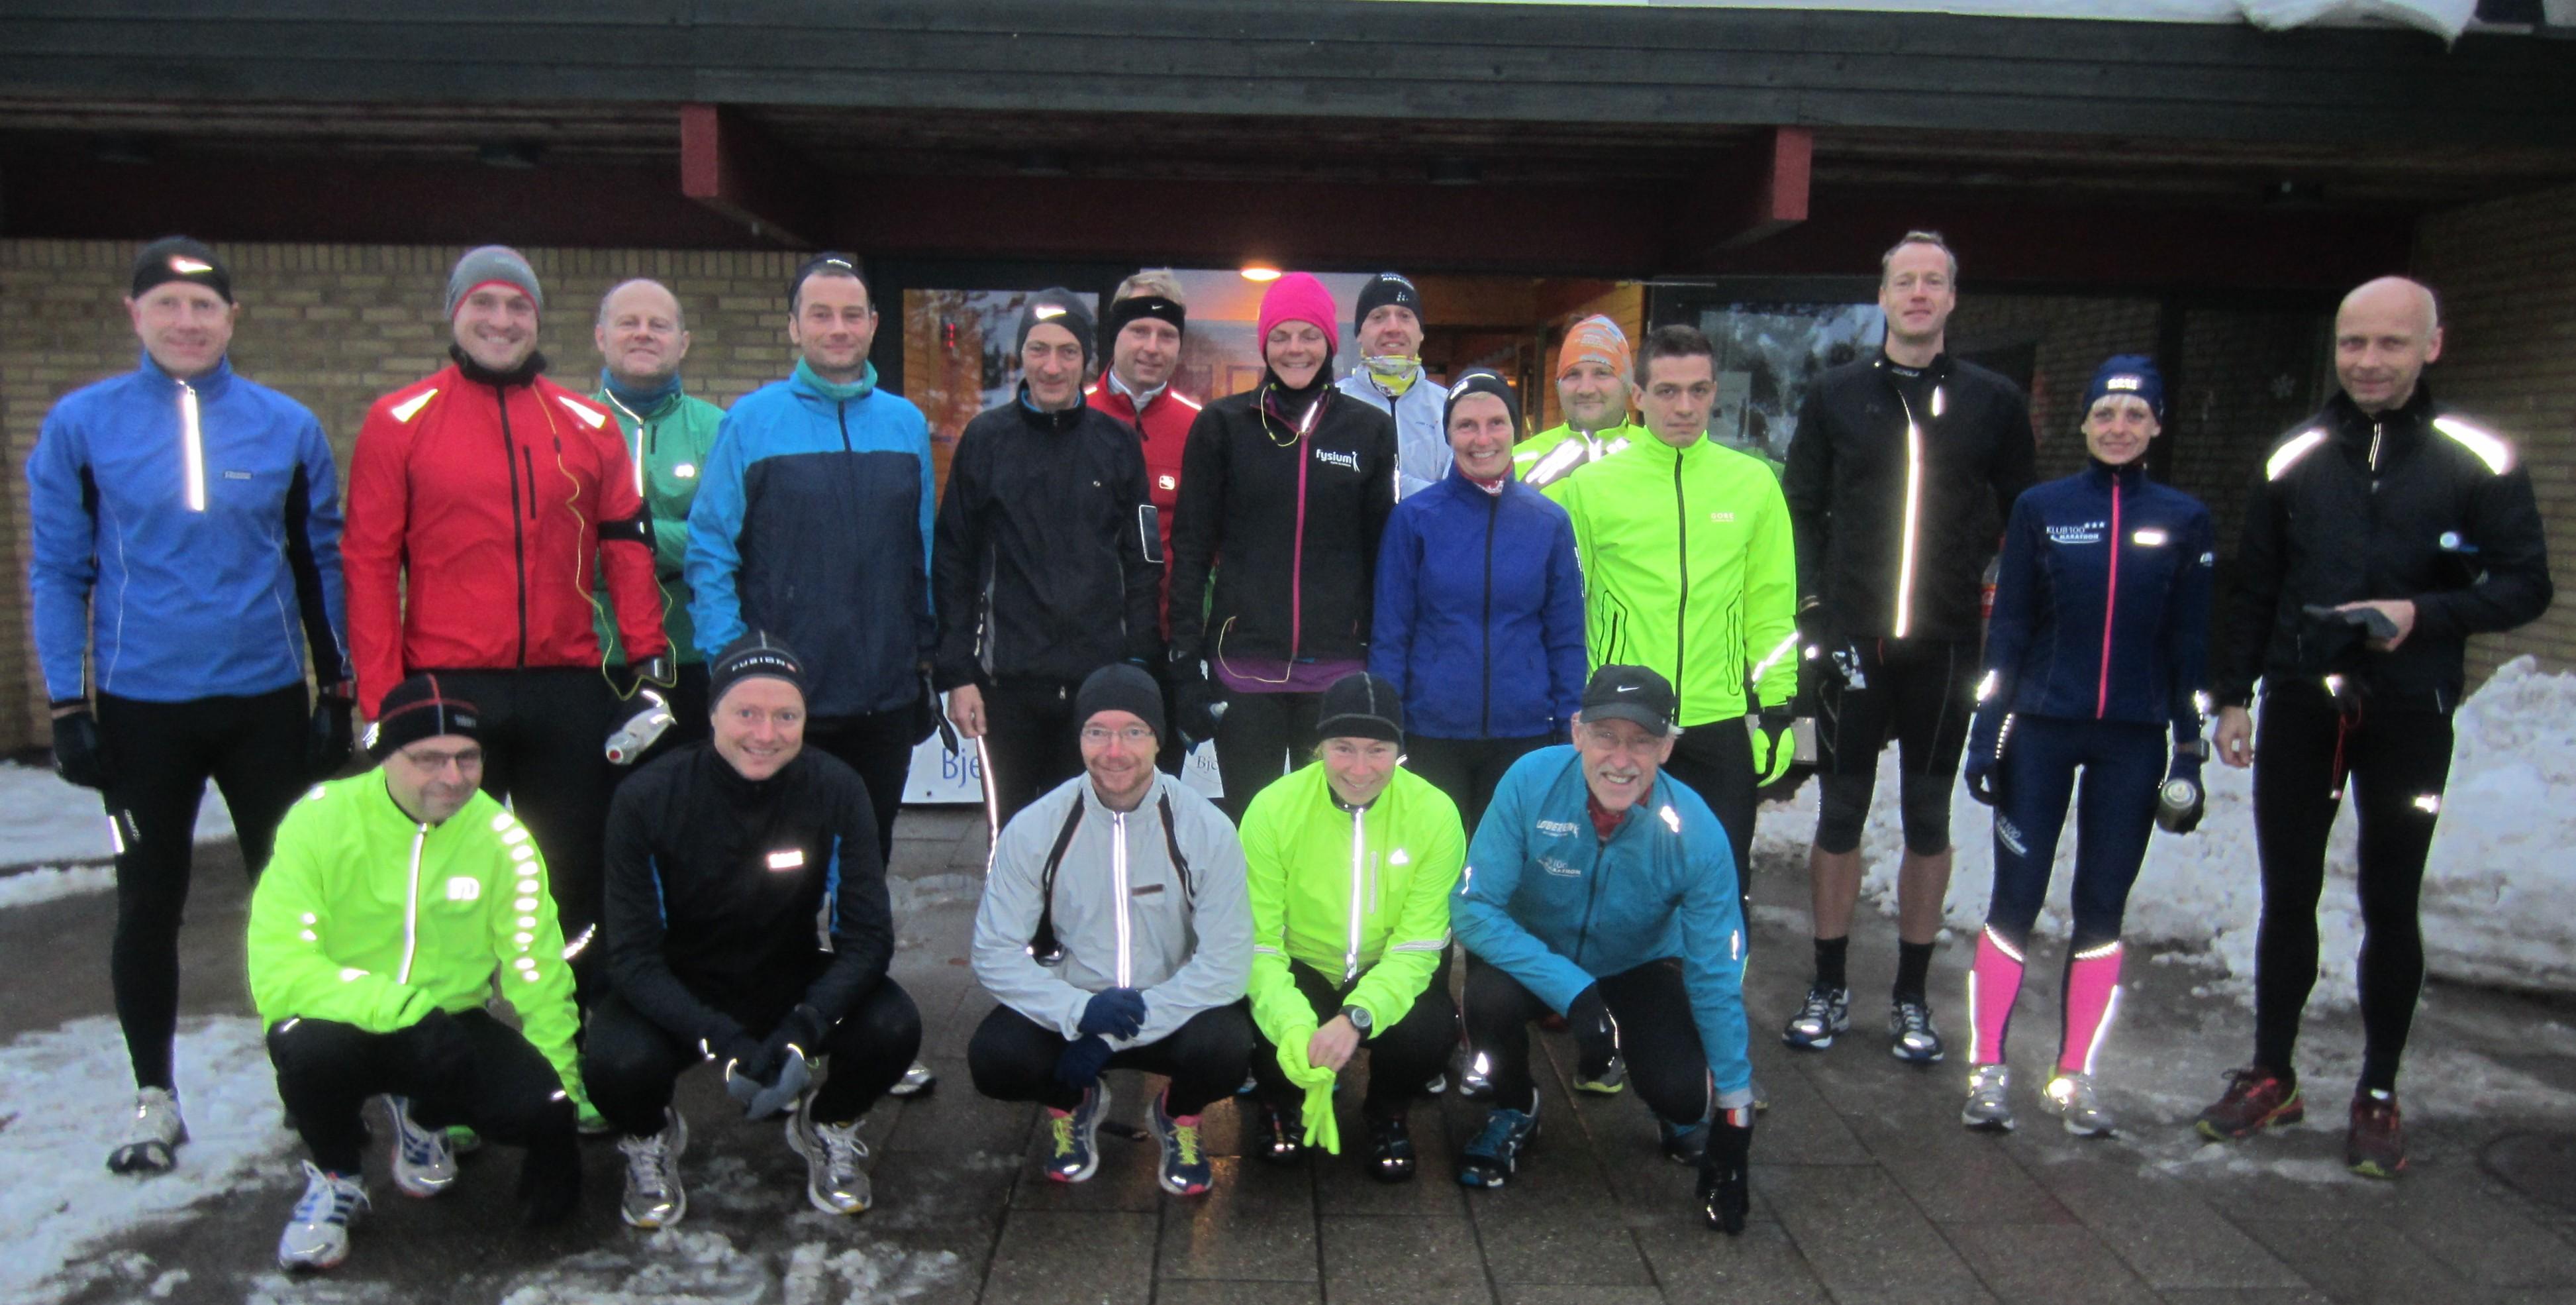 19 seje løbere klar til at besejre bjergene i Vigersted